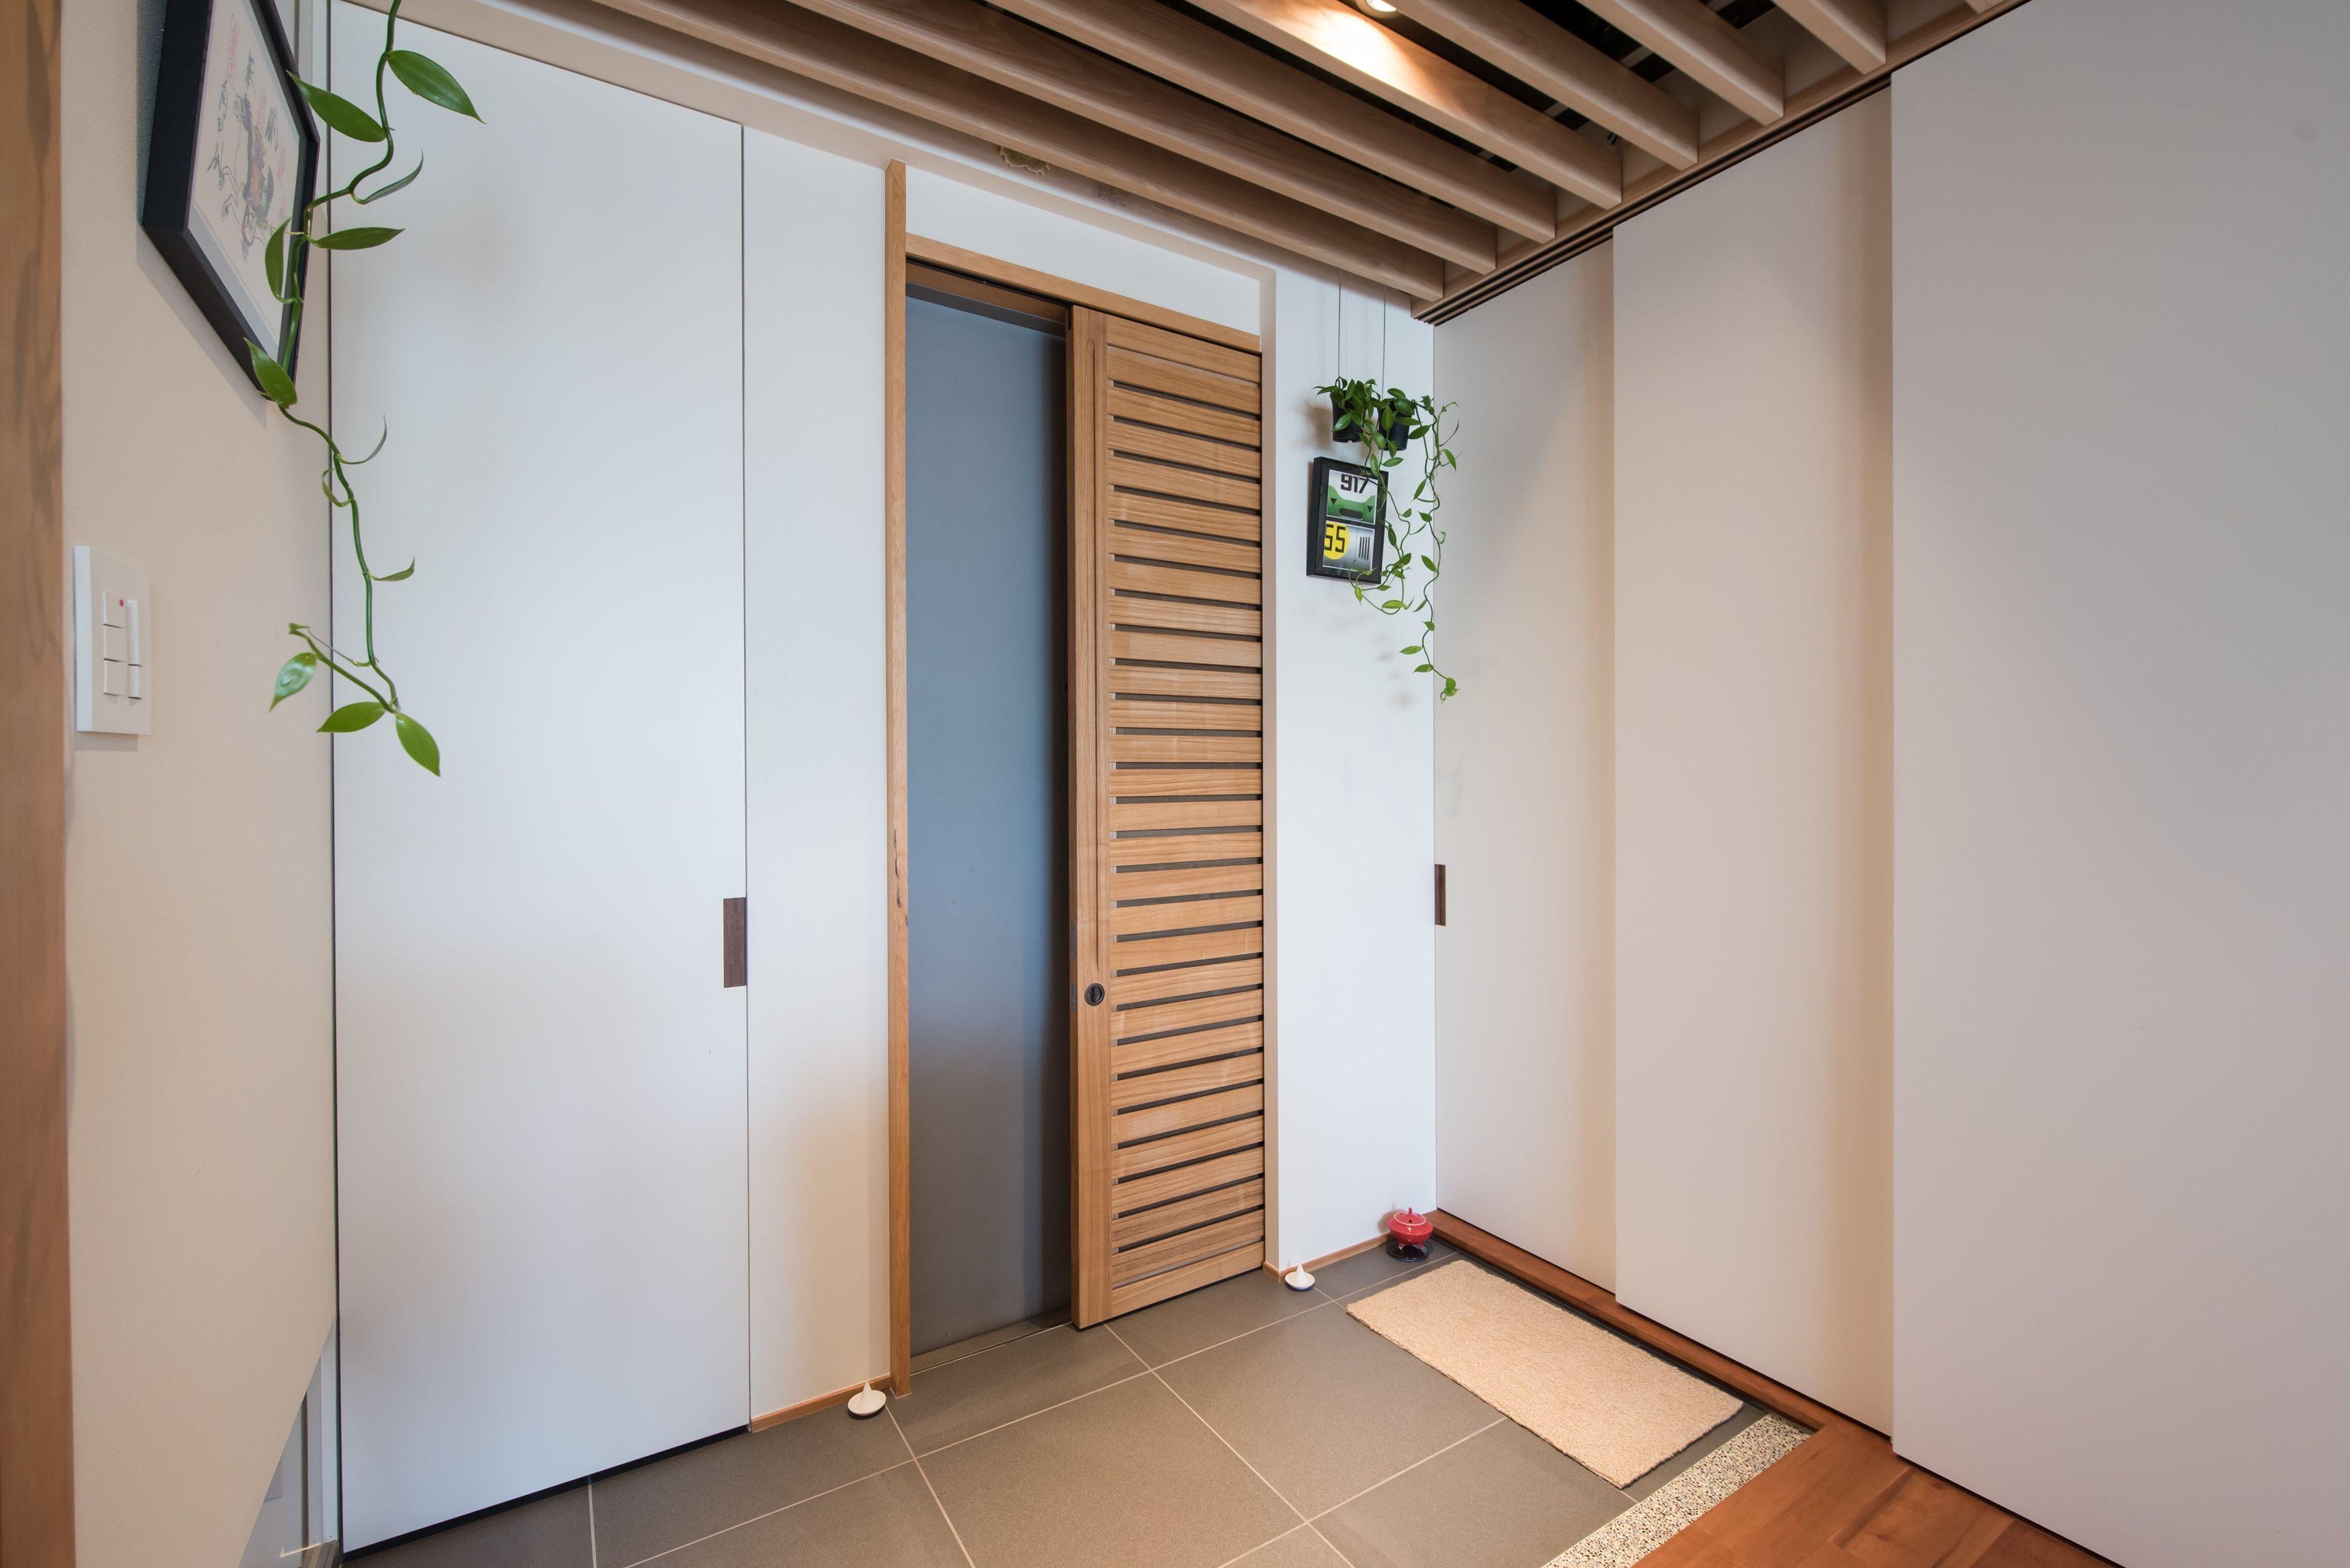 玄関ドアに通風網戸を 2020 自宅で 網戸 居家